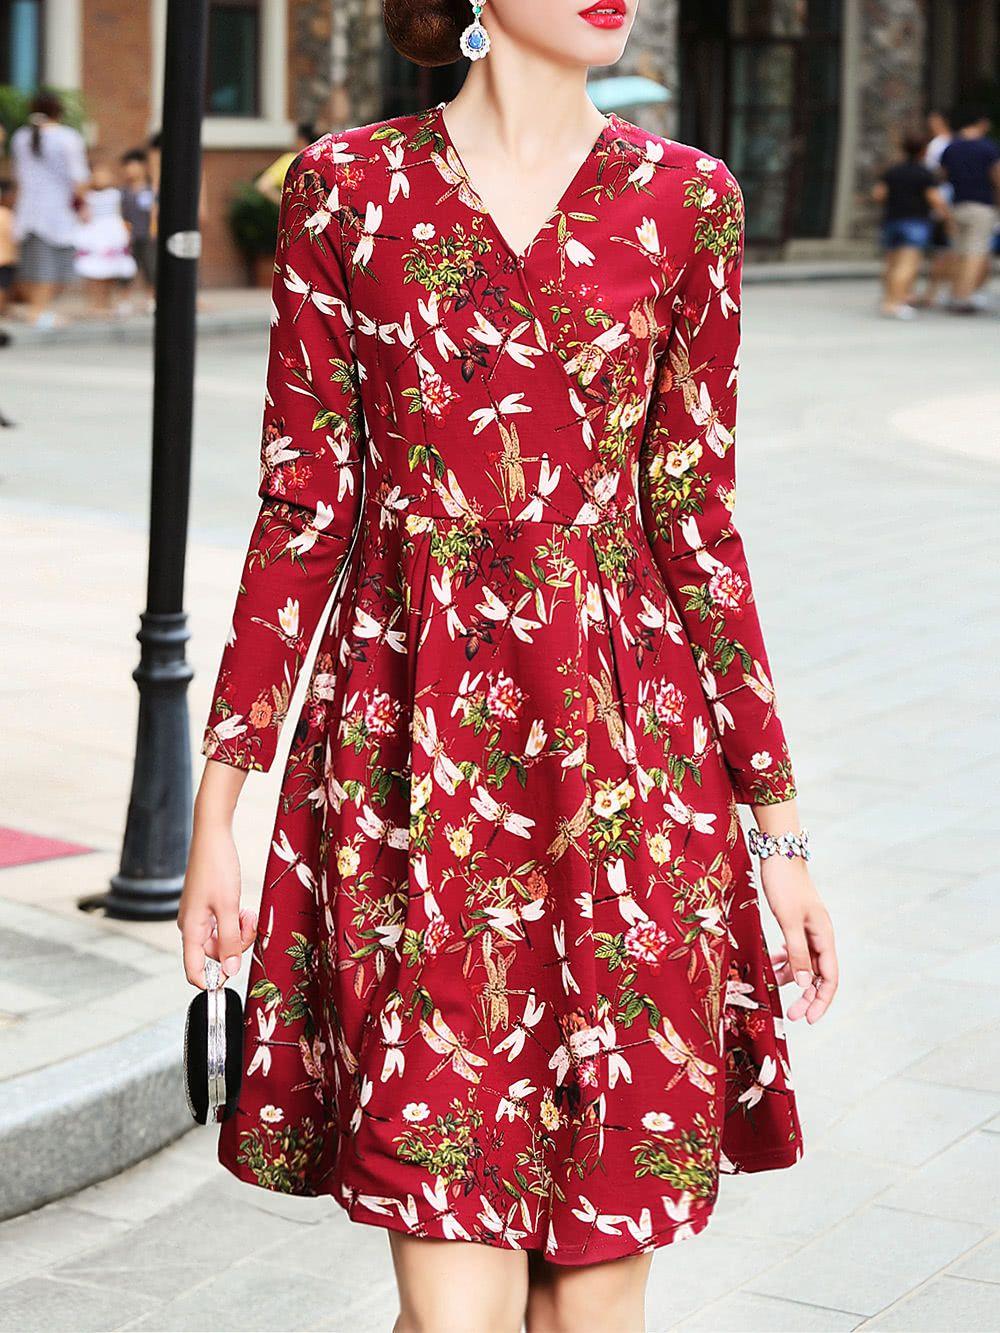 V Neck Flowers Print Dress Summer Dresses For Women Dresses Flower Print Dress [ 1333 x 1000 Pixel ]